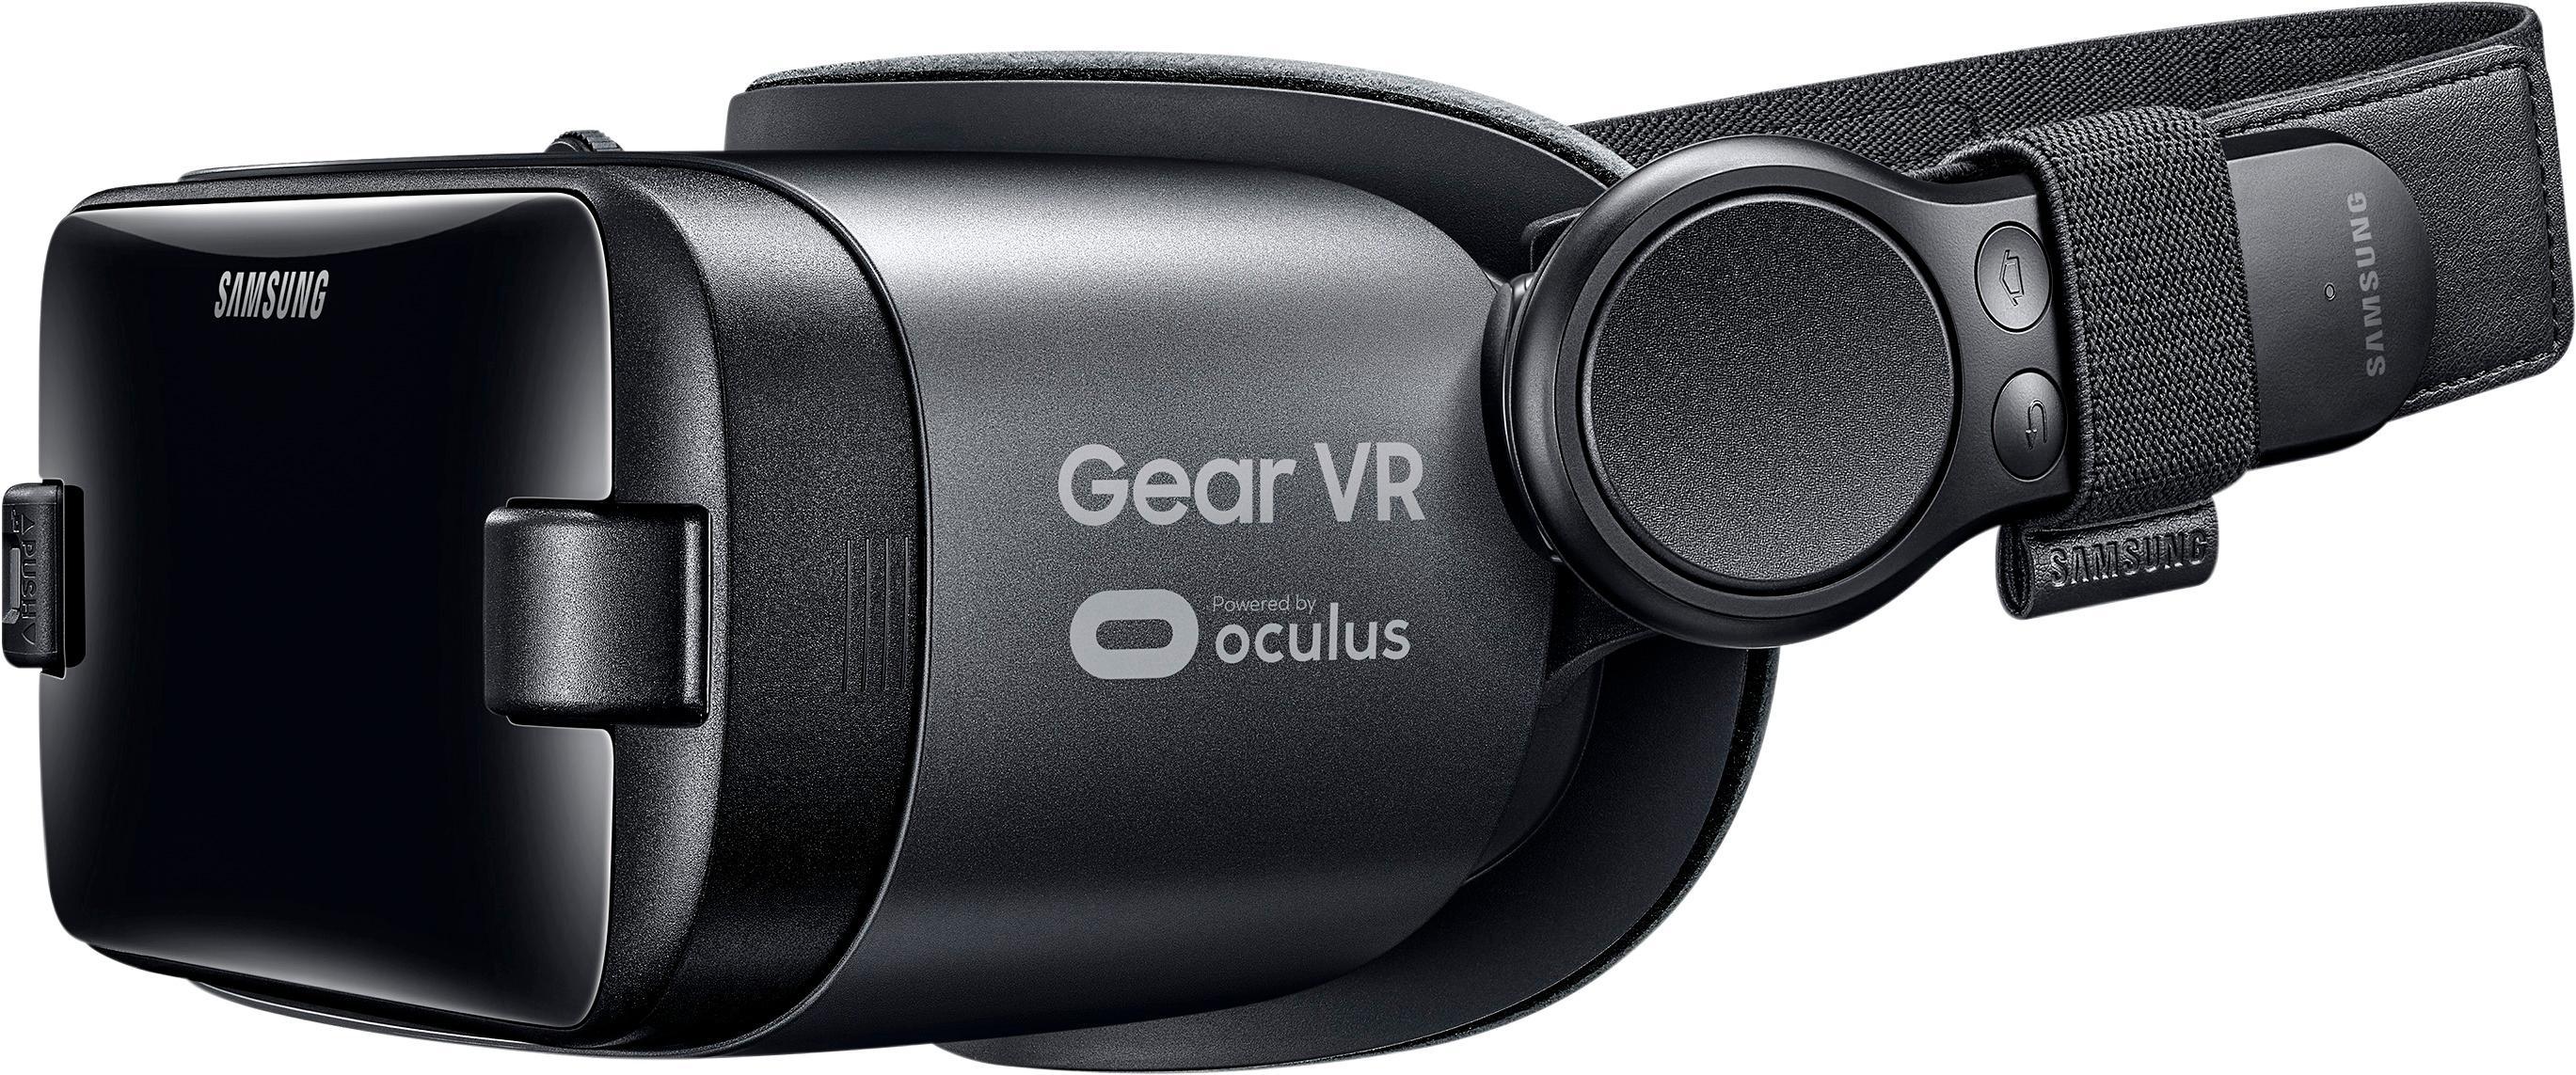 Trào lưu VR kính thực tế ảo trên smartphone phải chăng đã ...